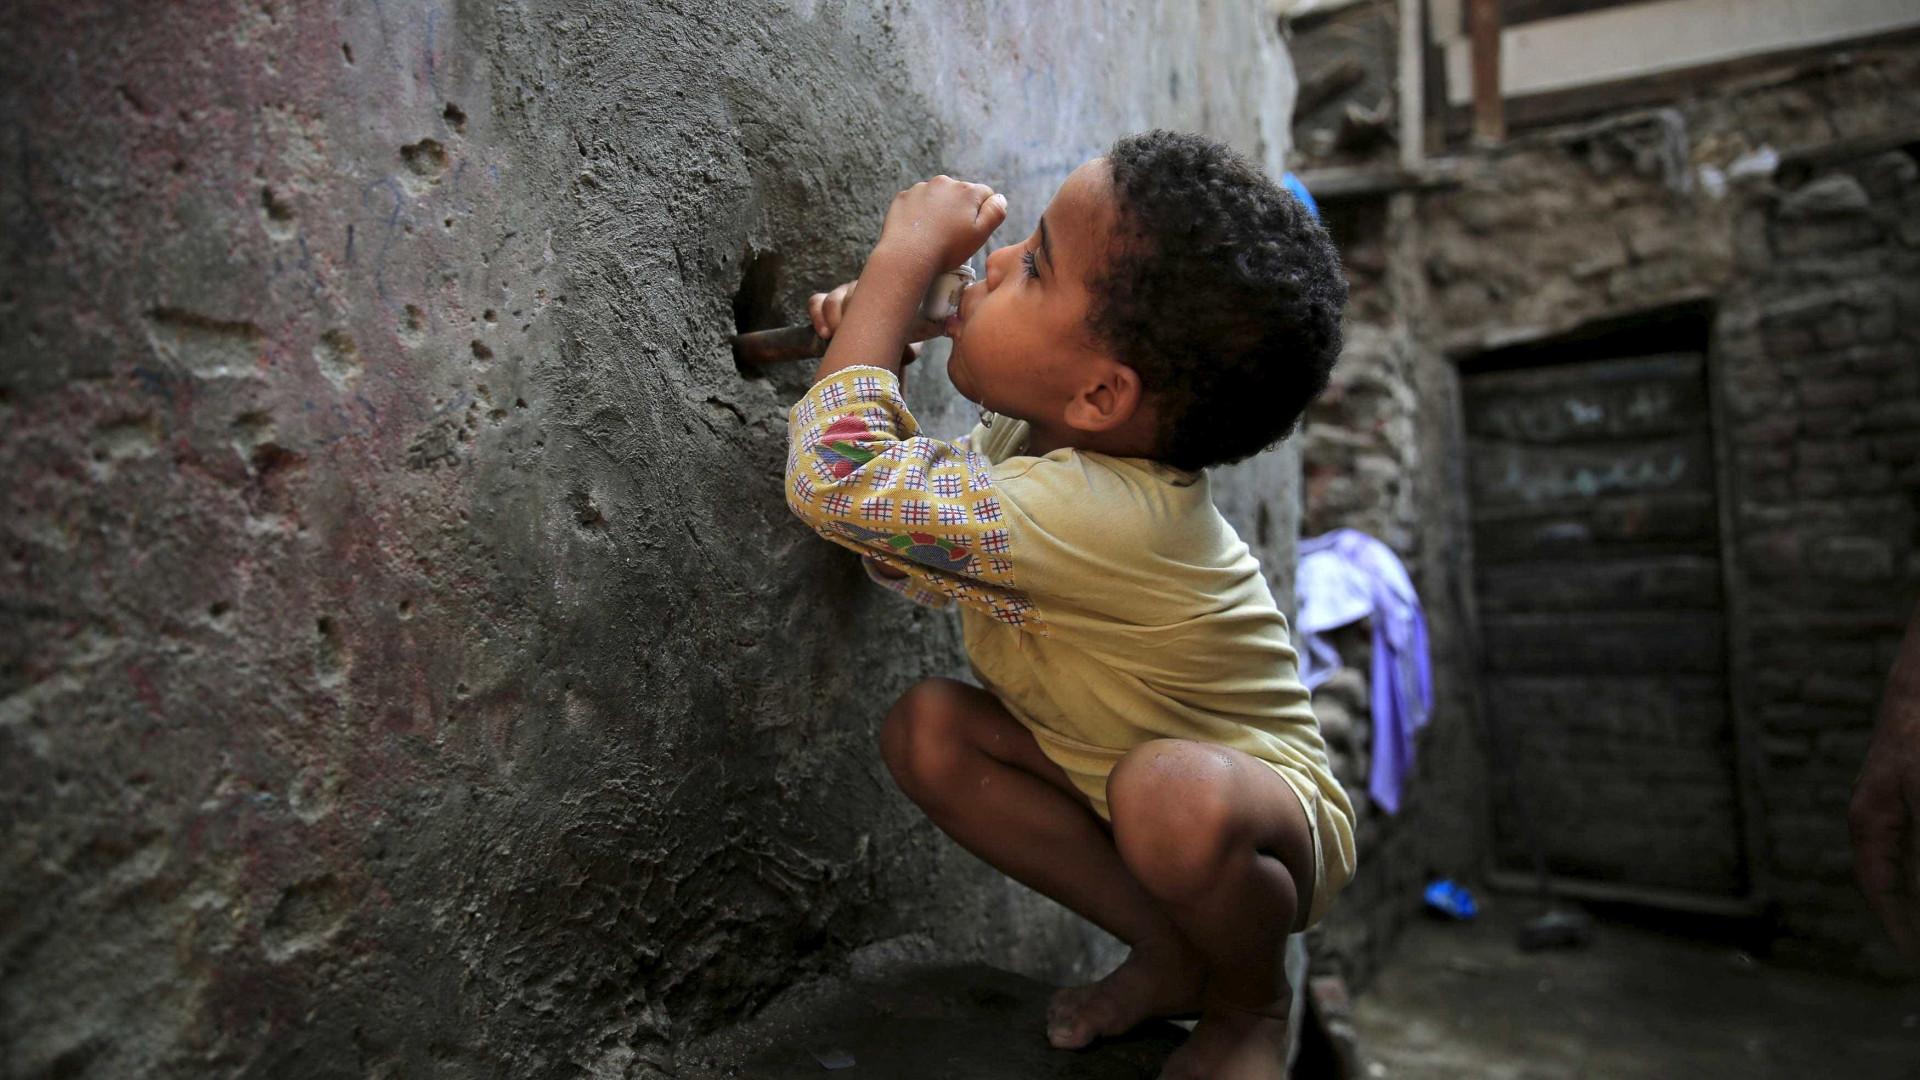 Água potável não chega a mais de 180 milhões de pessoas